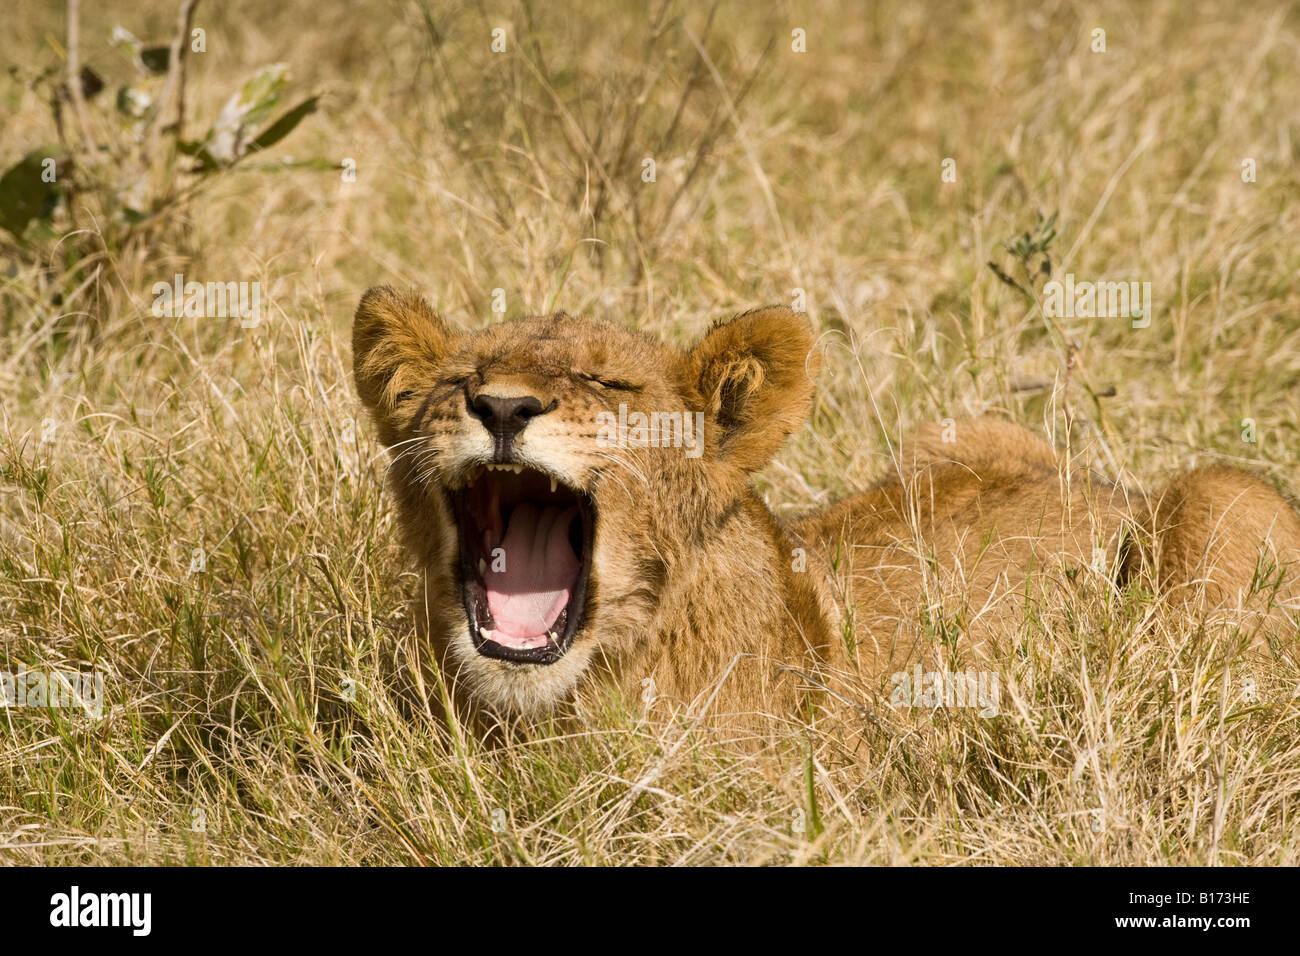 Closeup funny baby cachorro de león boca abierta hablando entrecerrar la boca abierta mostrando los dientes cantando o diciendo Ahh tumbado en el césped un fondo suave Foto de stock